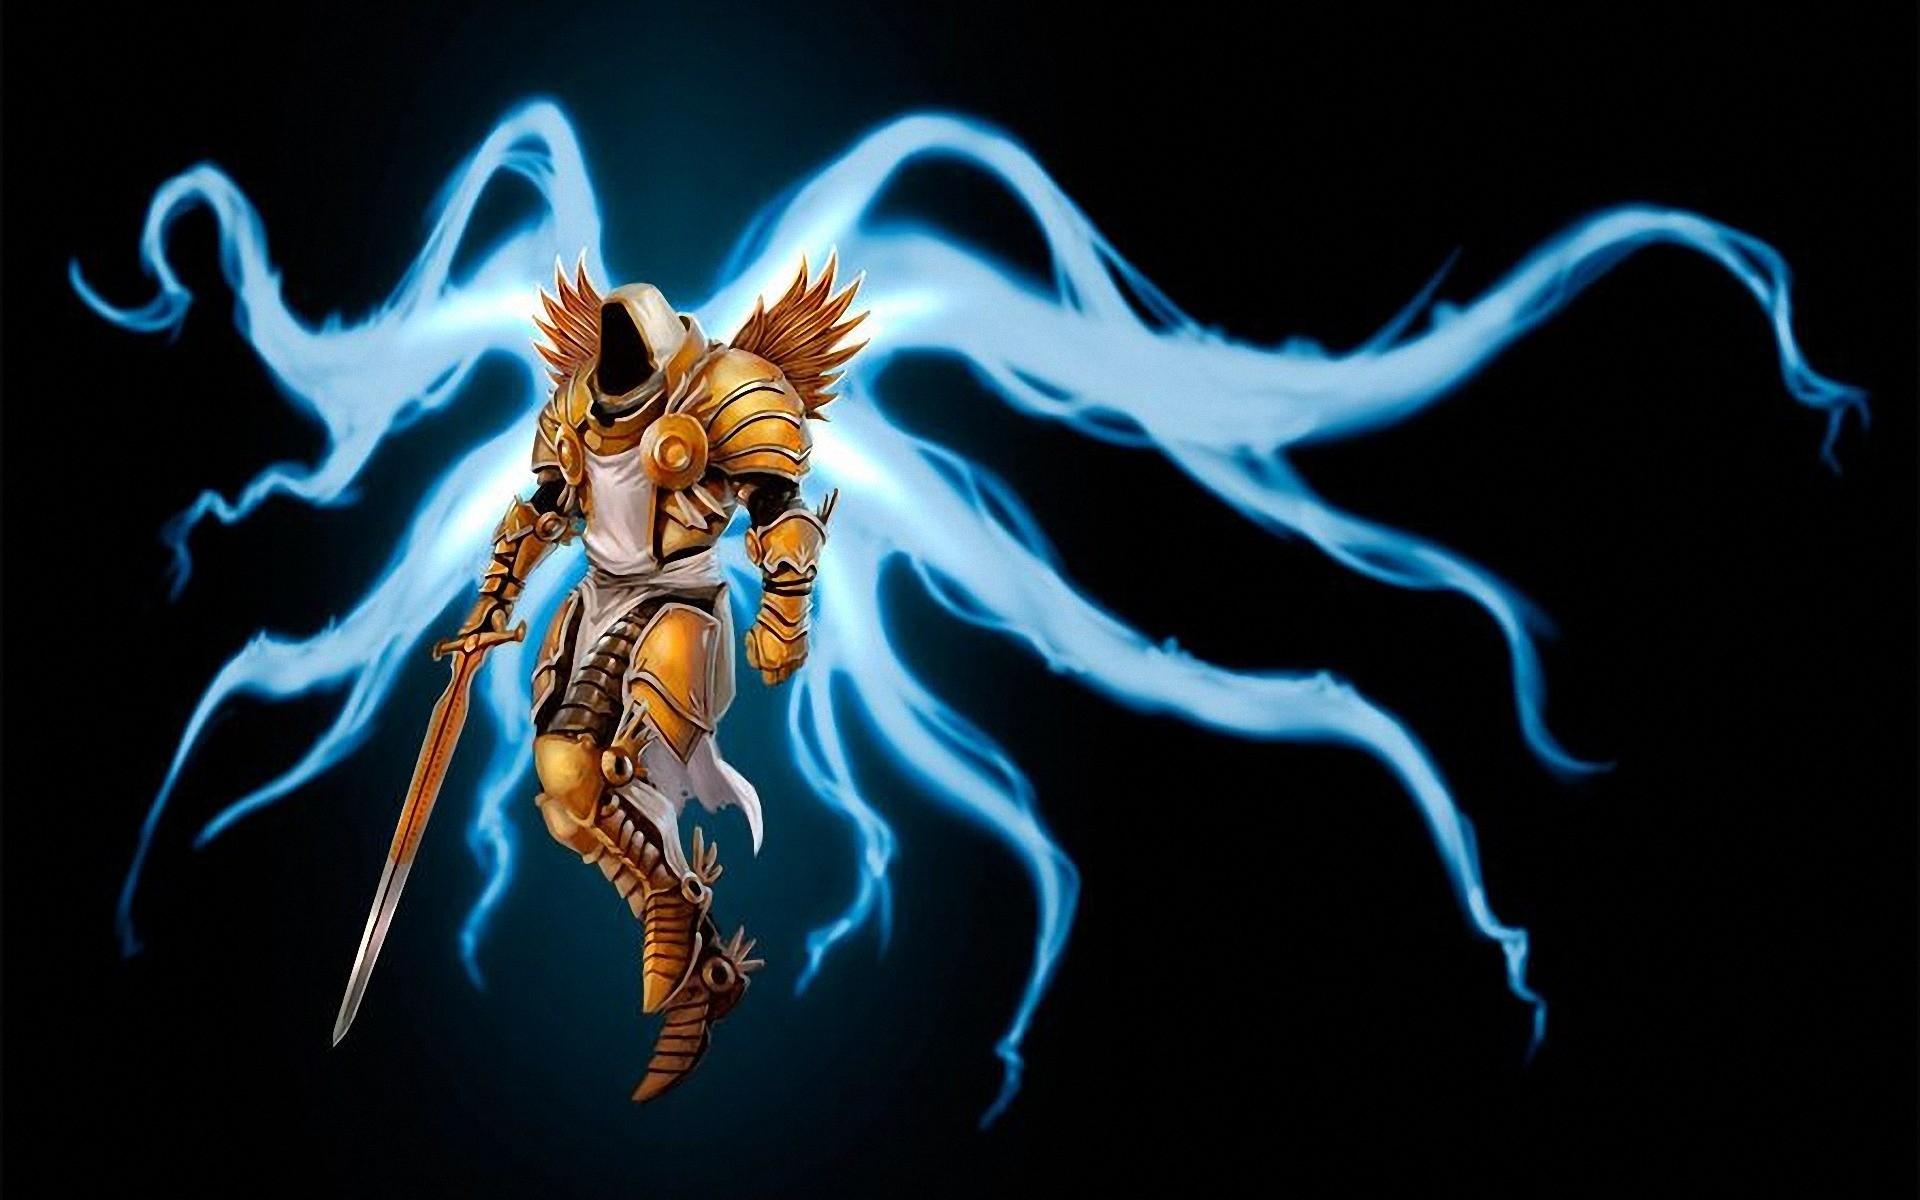 Res: 1920x1200, Diablo 3 Tyrael wallpaper